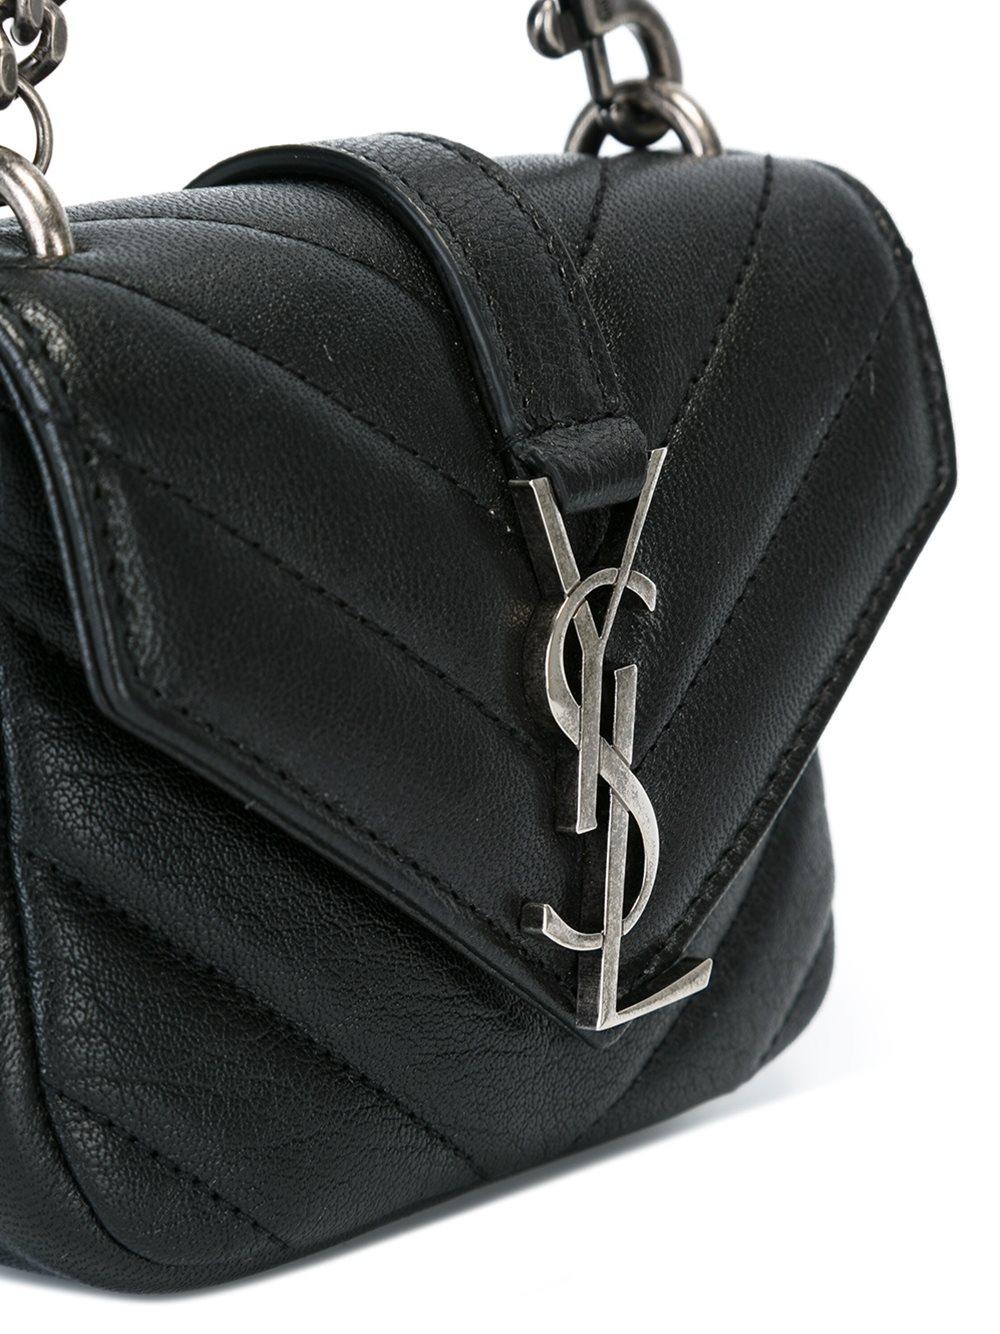 Saint laurent Mini College Leather Bag in Black  c81eb001d264b